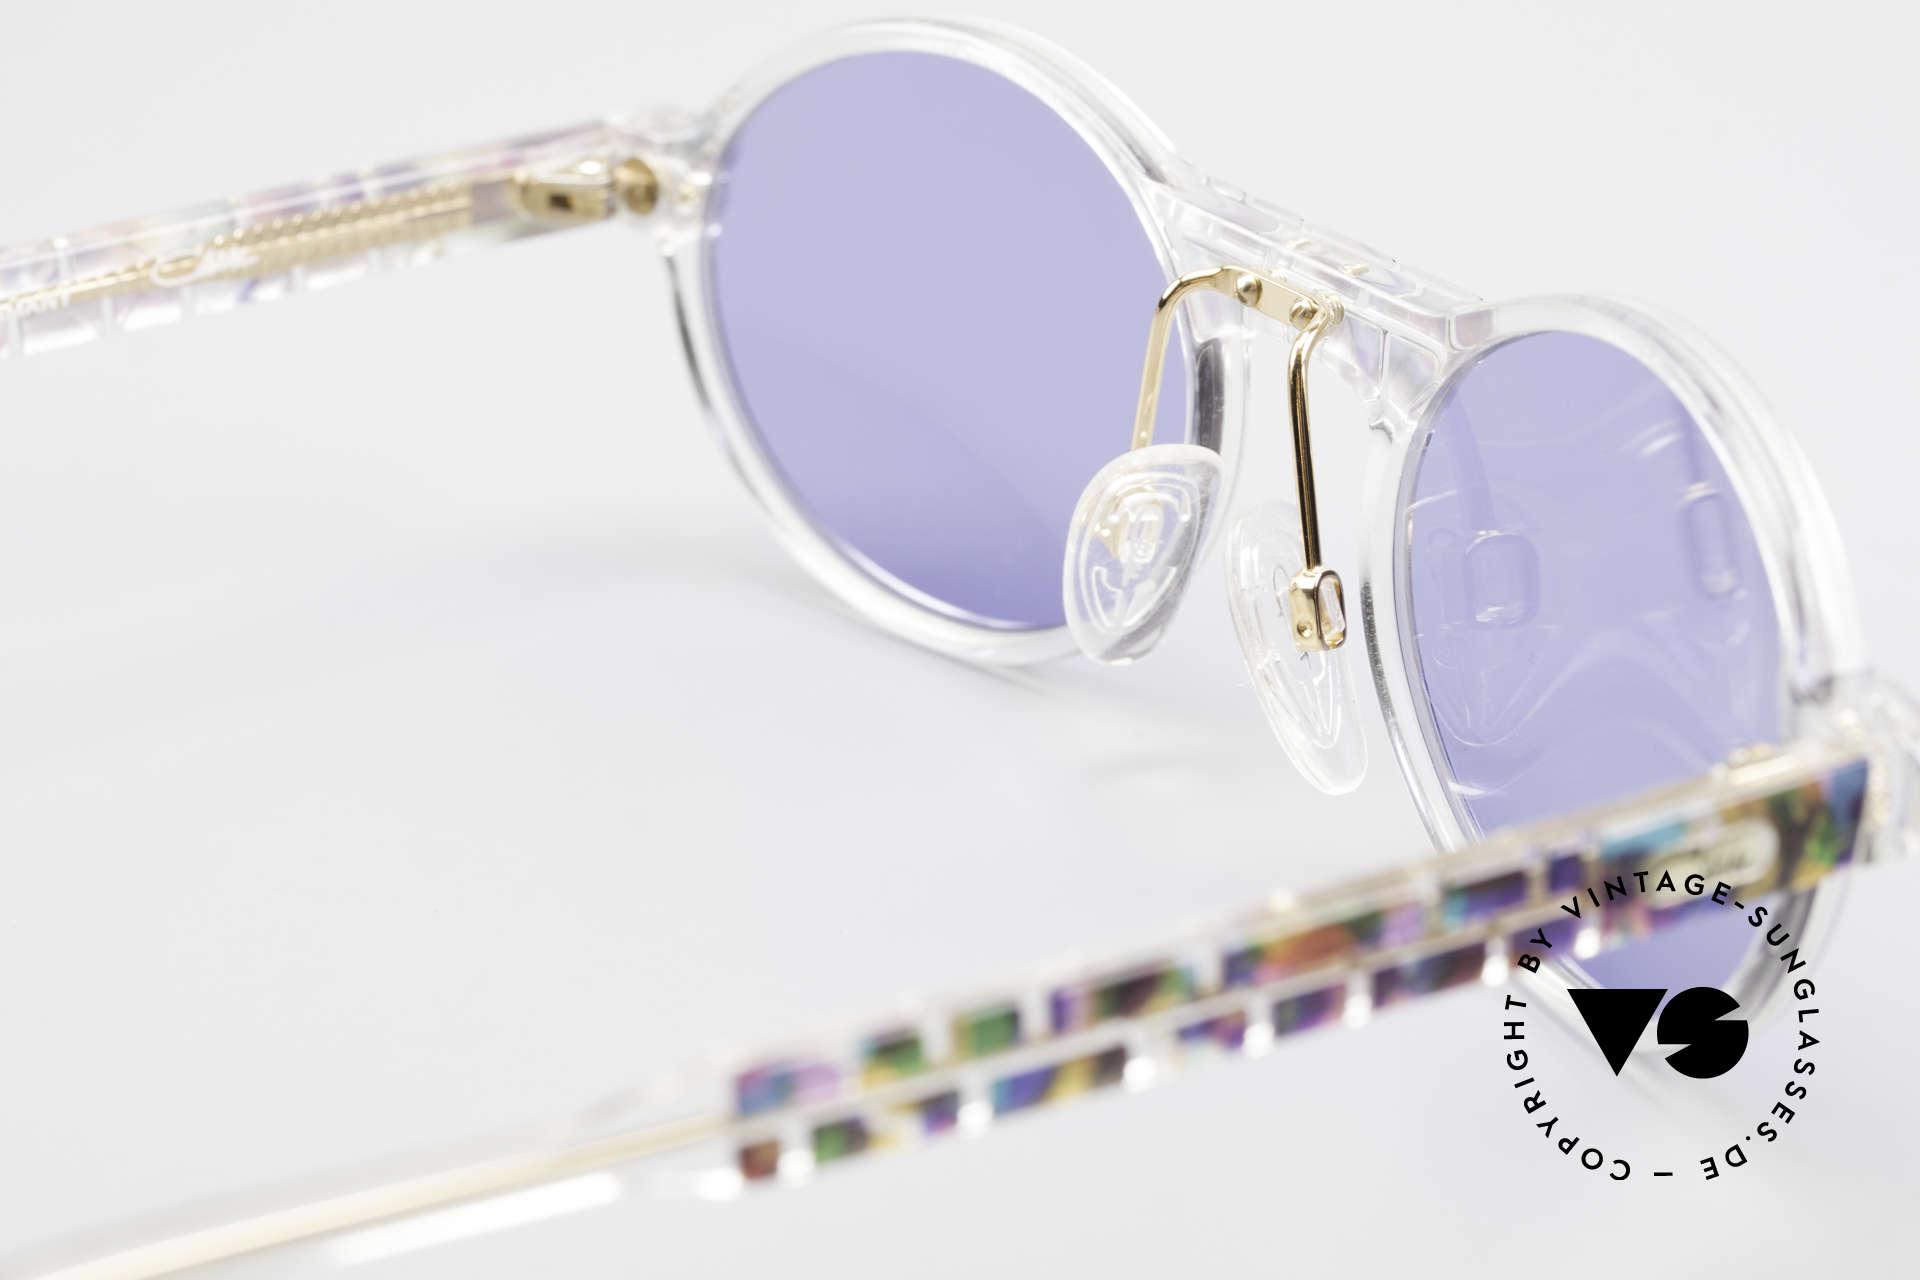 Cazal 510 Ovale Vintage Cazal Limited, dunkelblaue Sonnengläser für 100% UV Protection, Passend für Herren und Damen